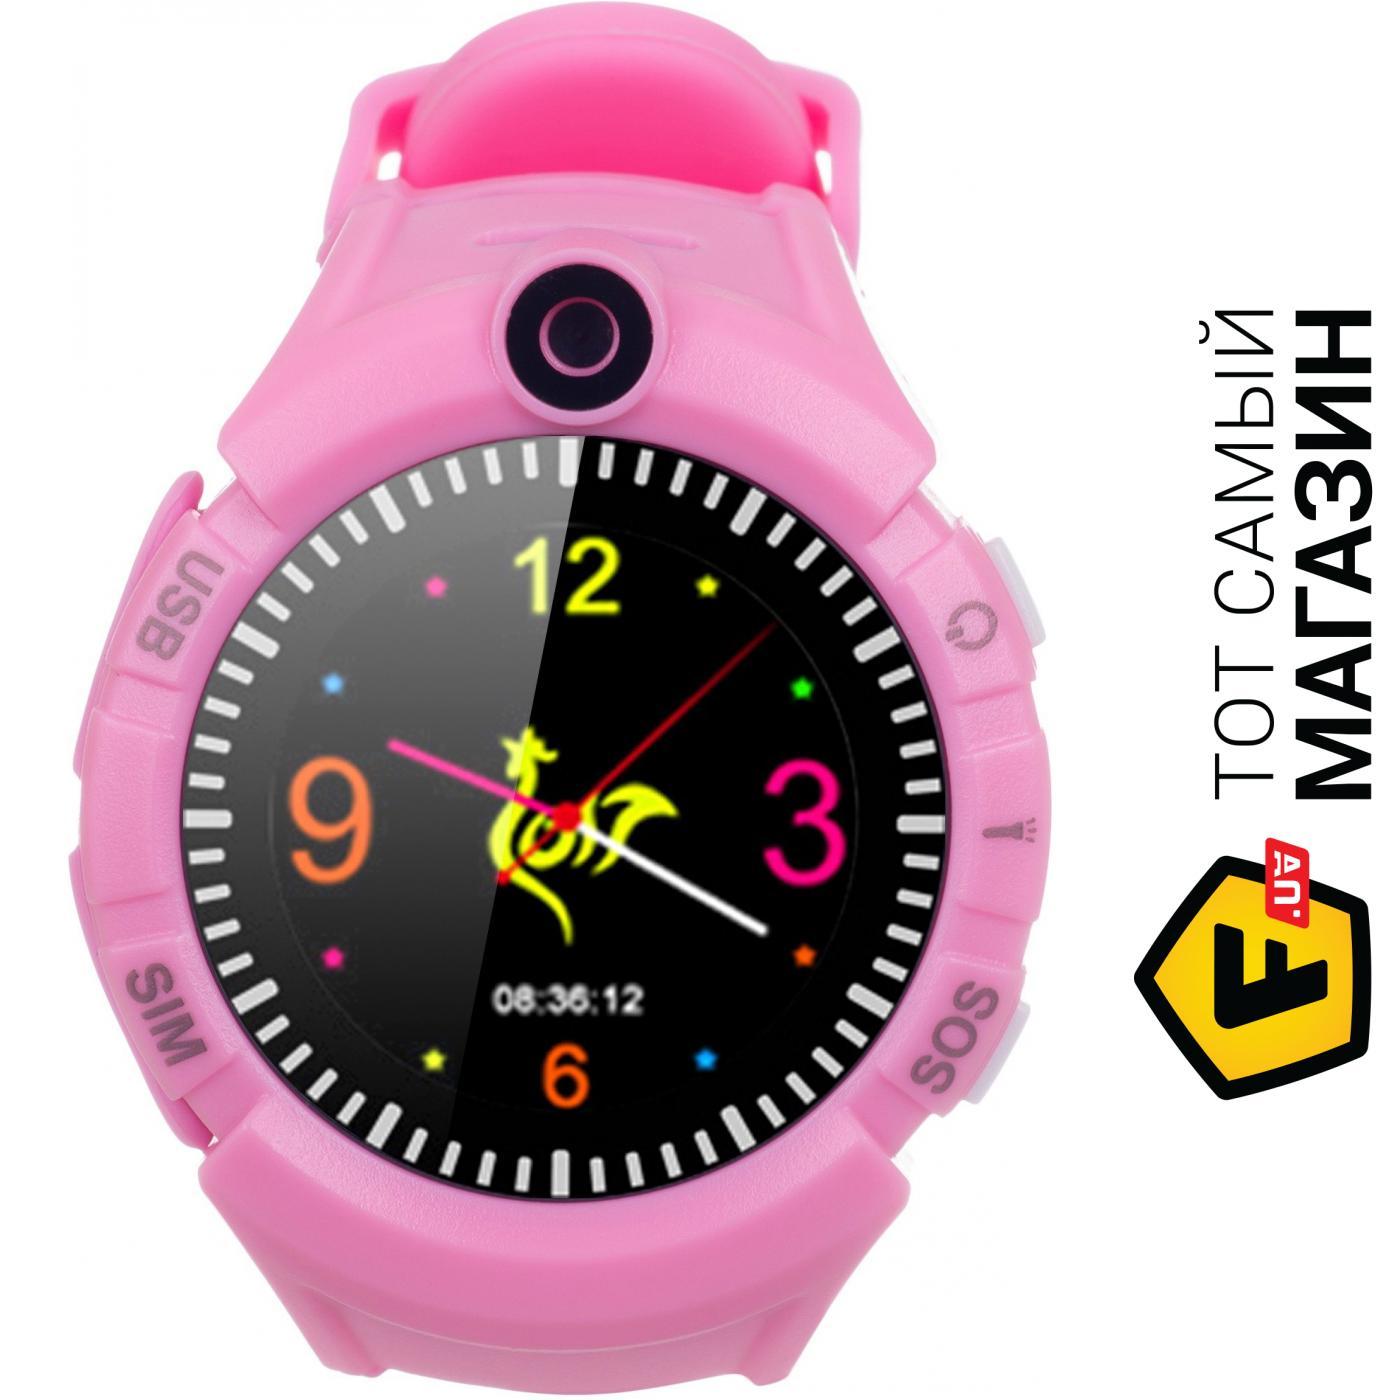 Детские смарт-часы Ergo GPS Tracker Color C010 Pink Тип  детские смарт-часы 37227bd77addb